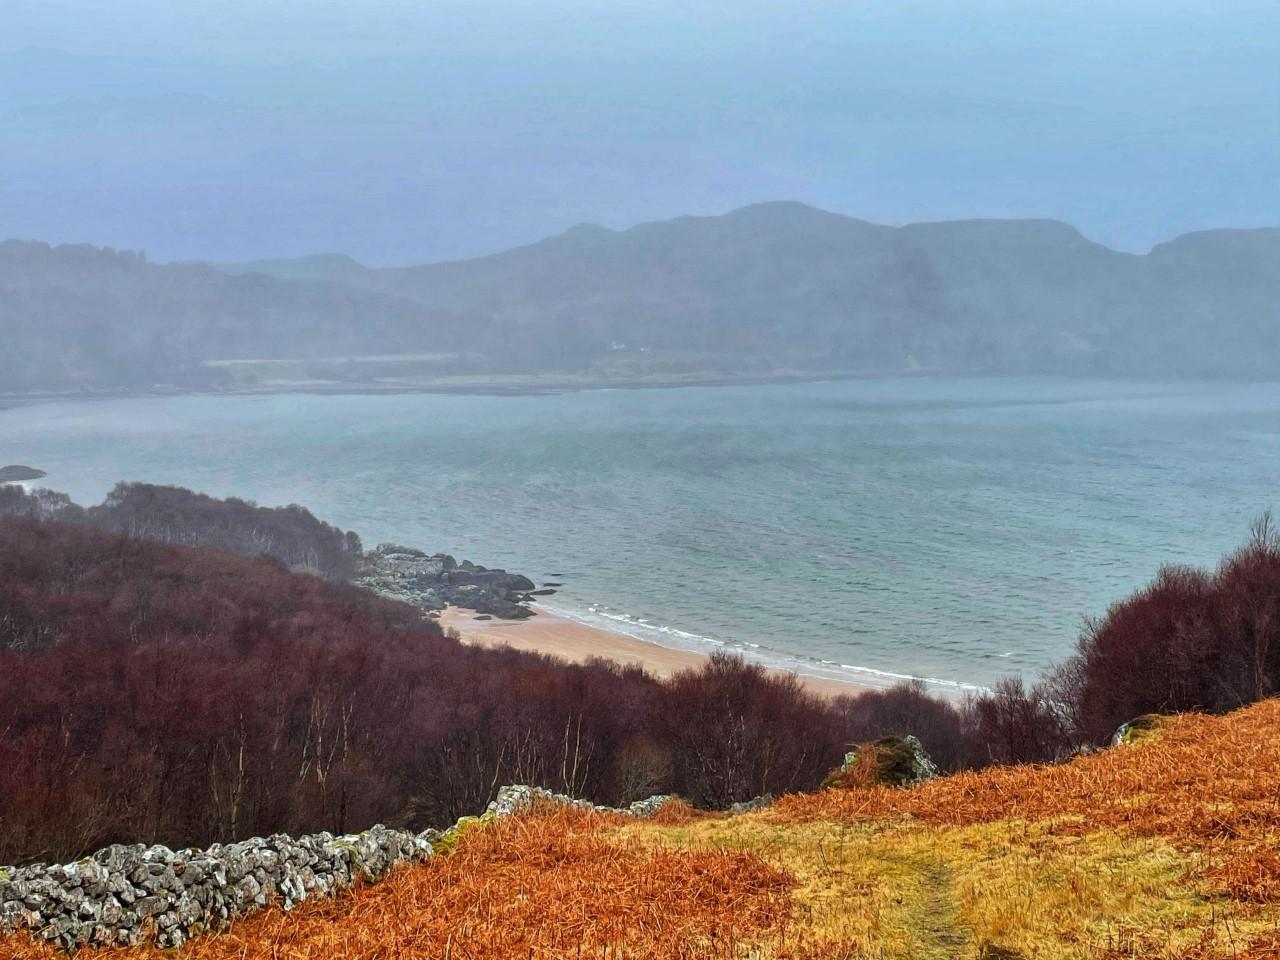 Gruinard Bay Beach from a distance